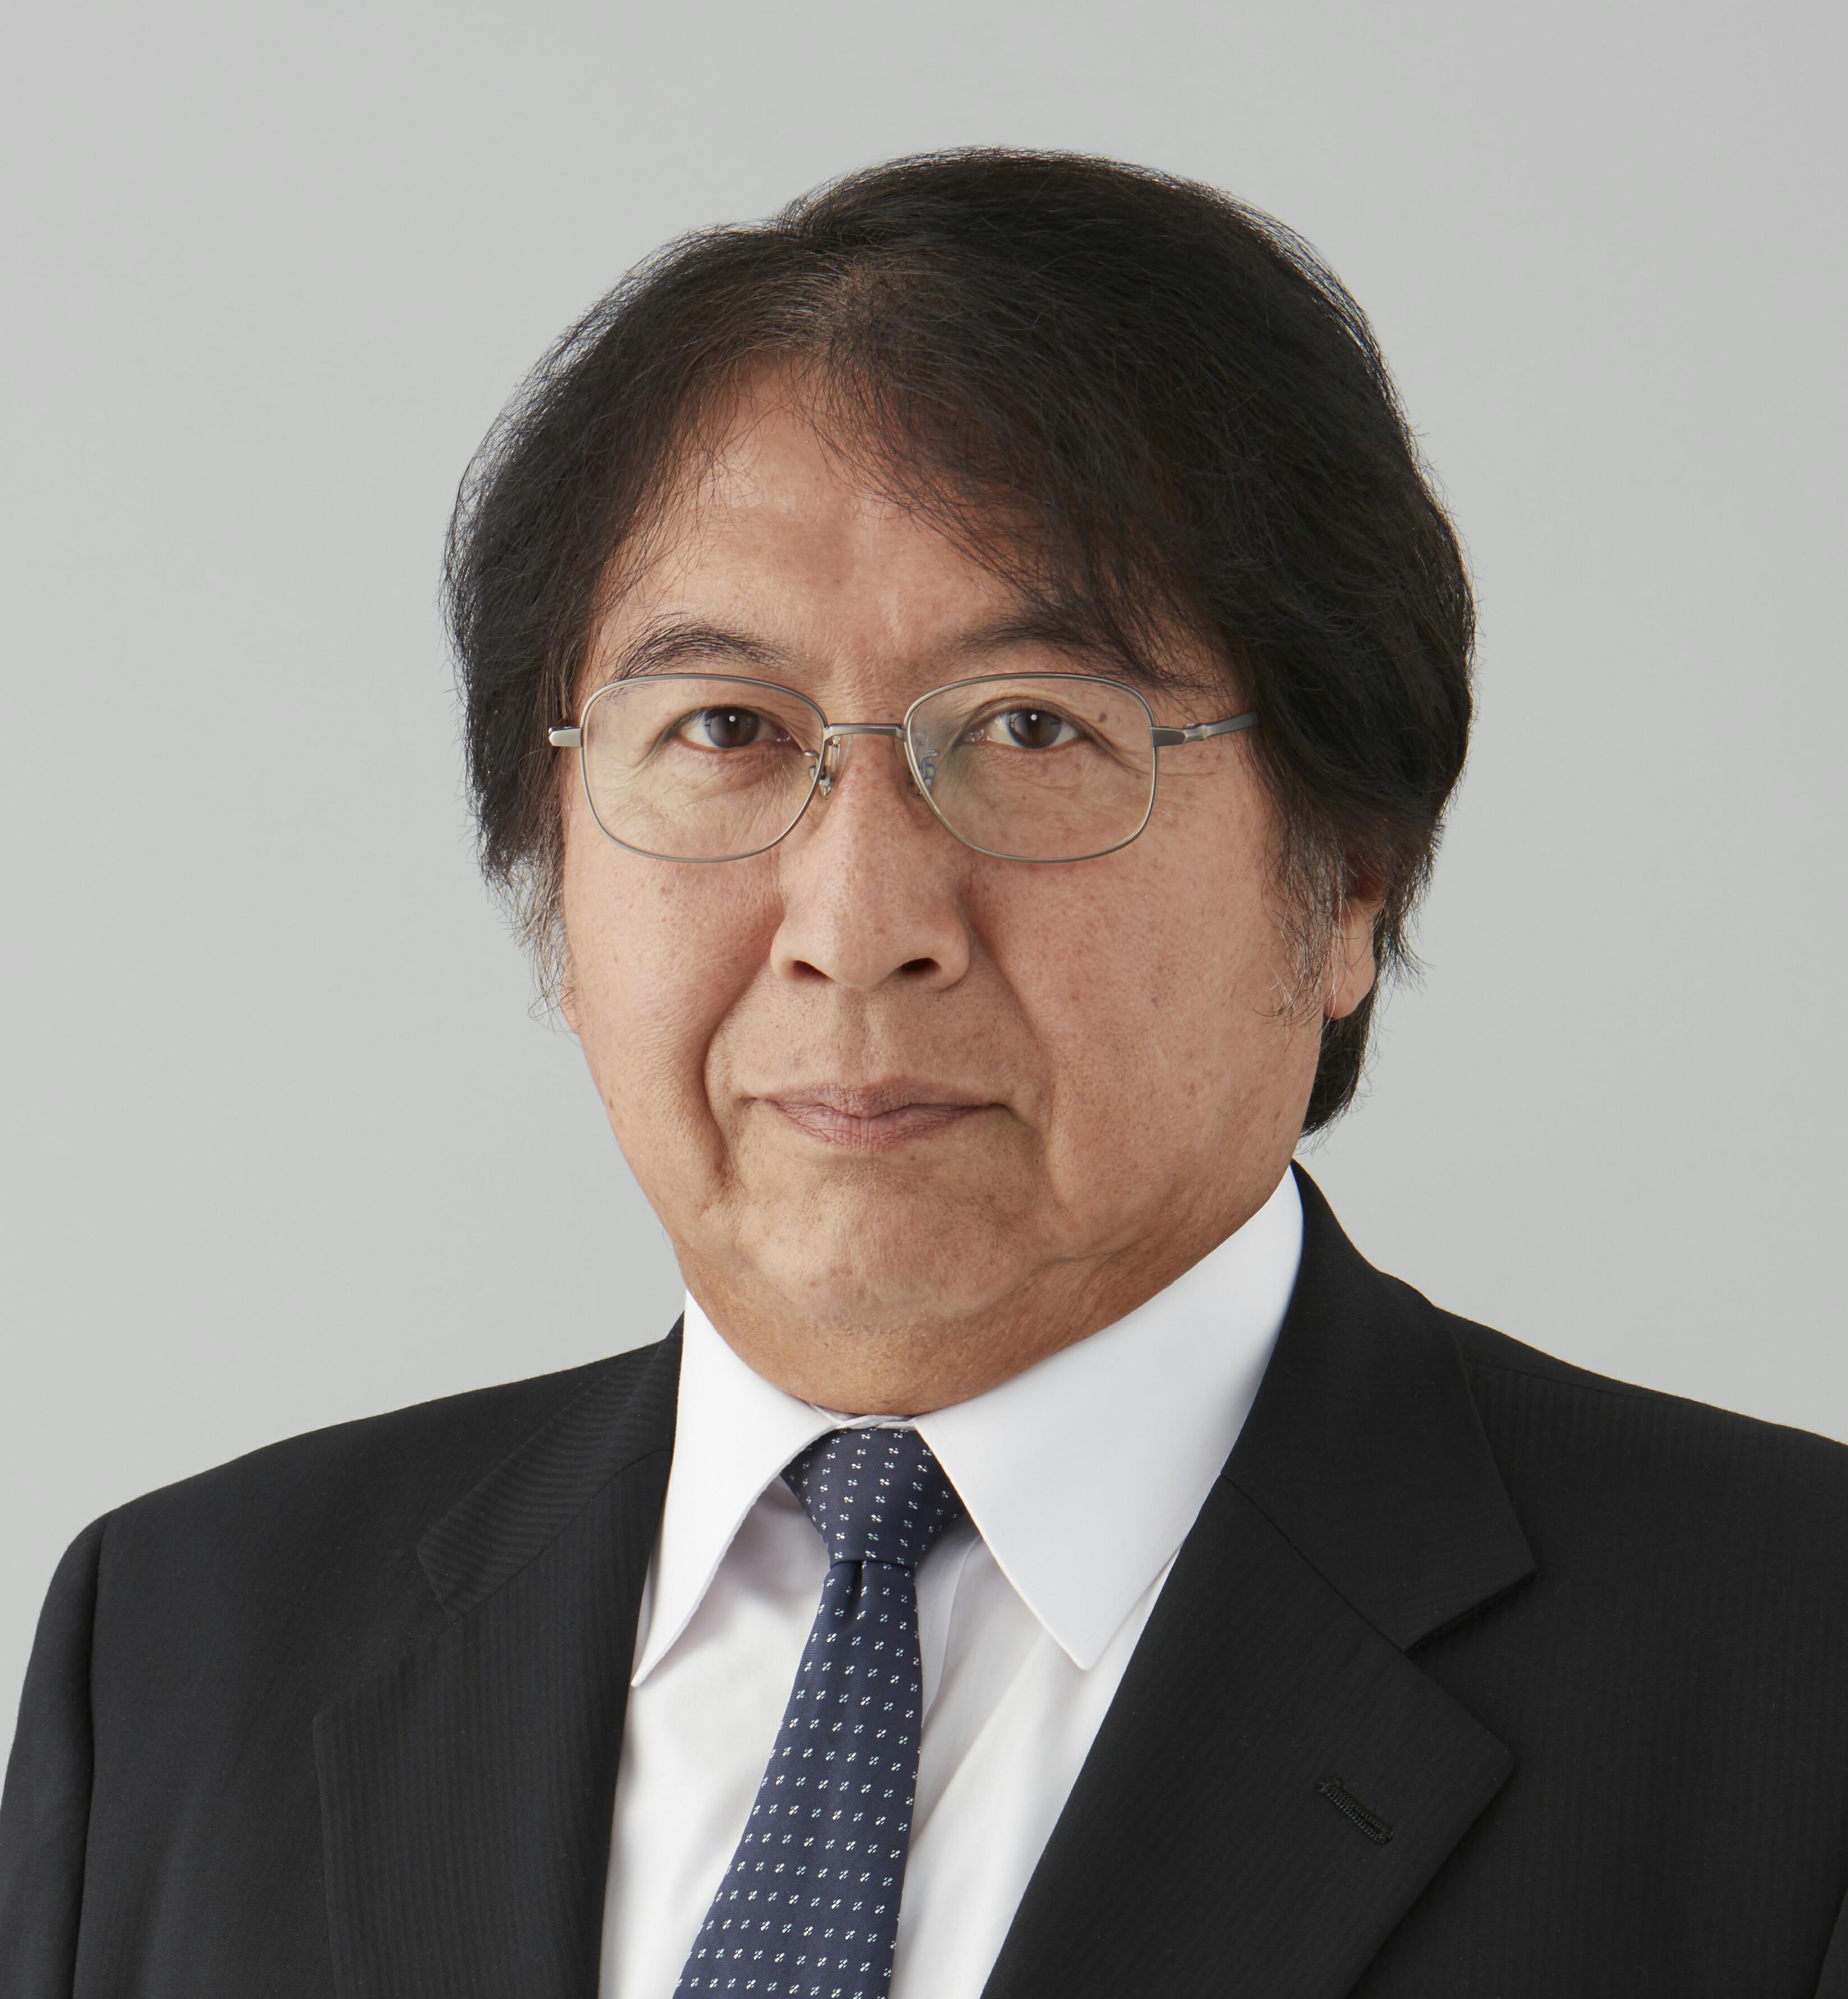 第56期会長:前田章